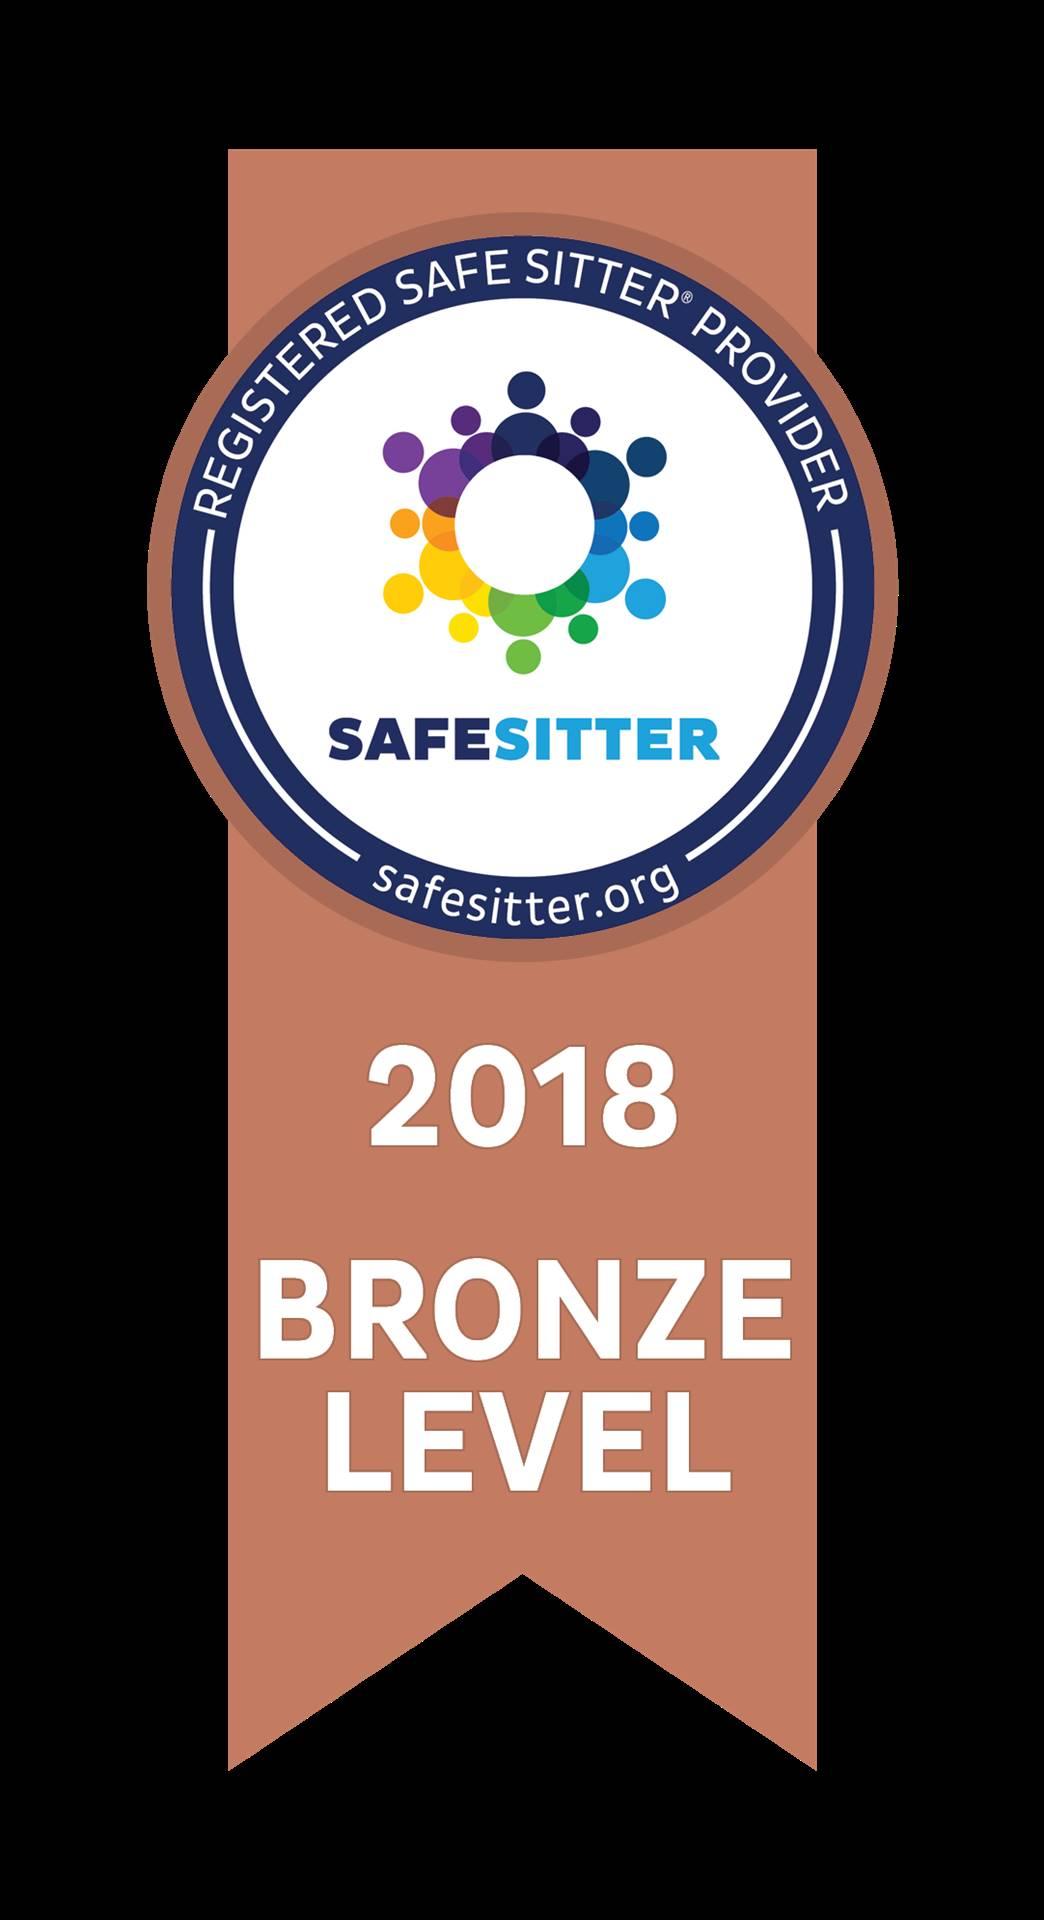 2018 Bronze Level